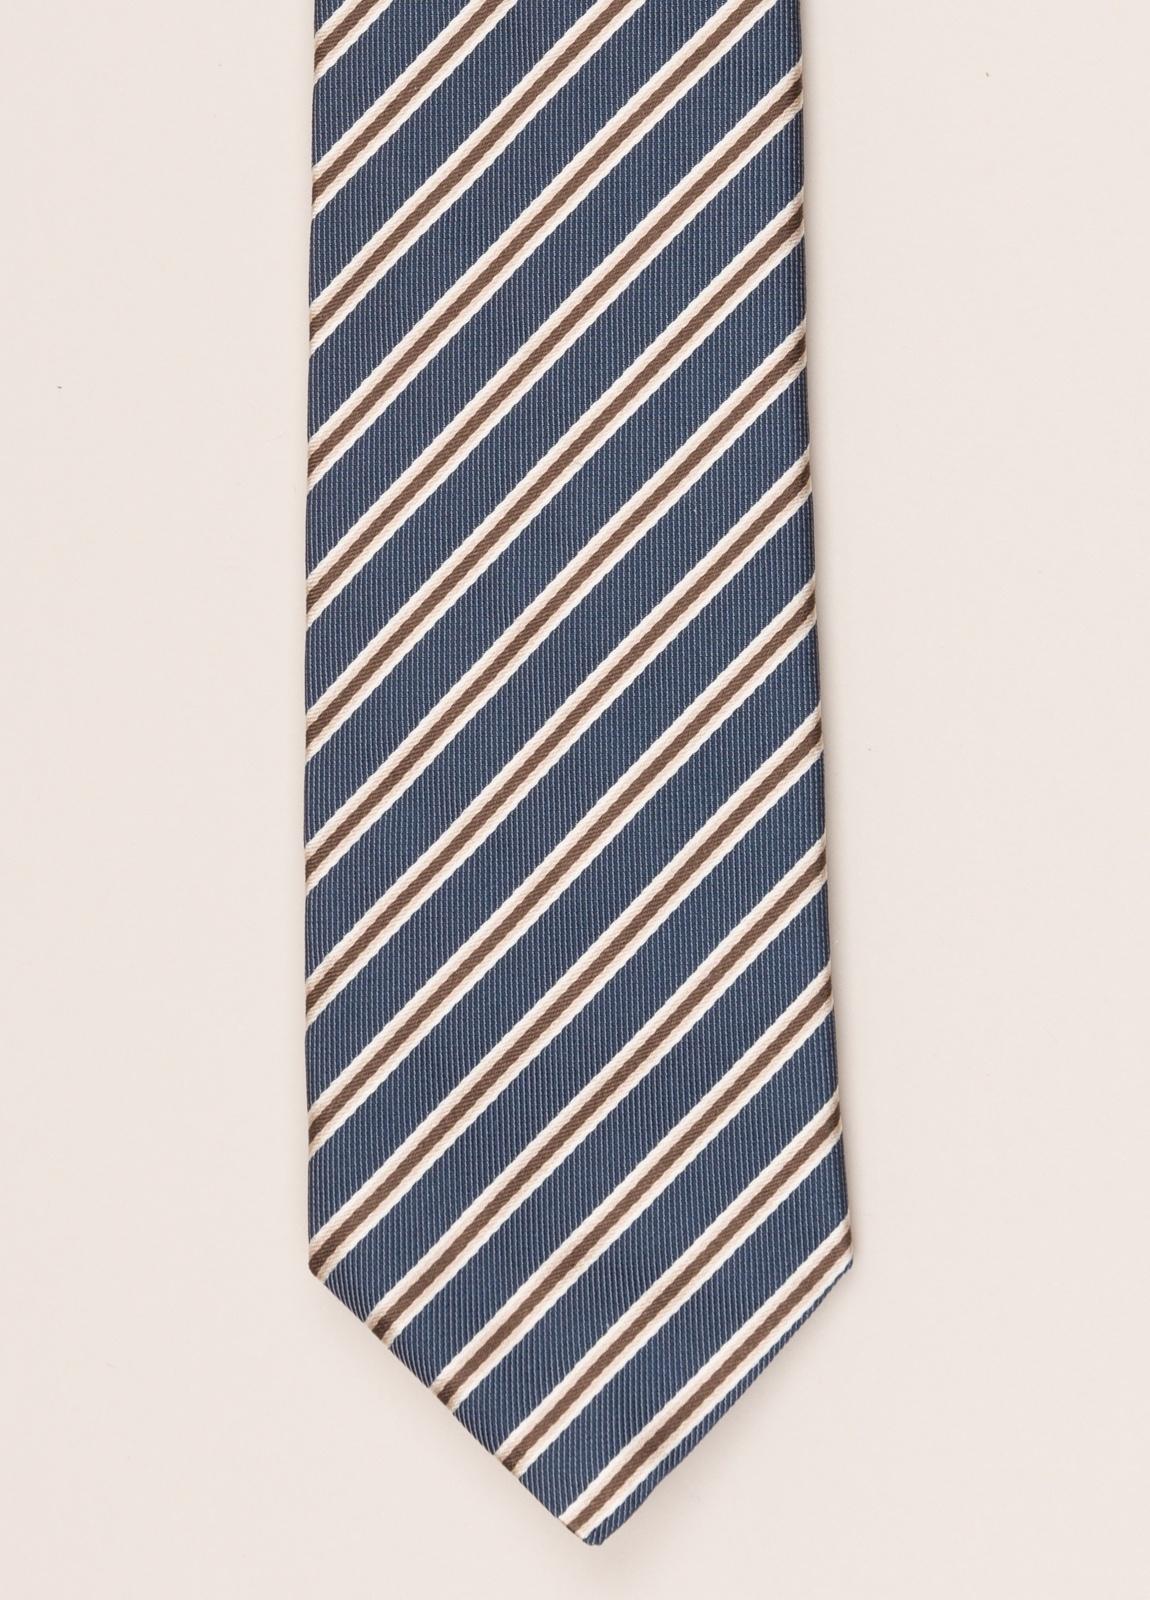 Corbata FUREST COLECCIÓN rayas azul y marrón